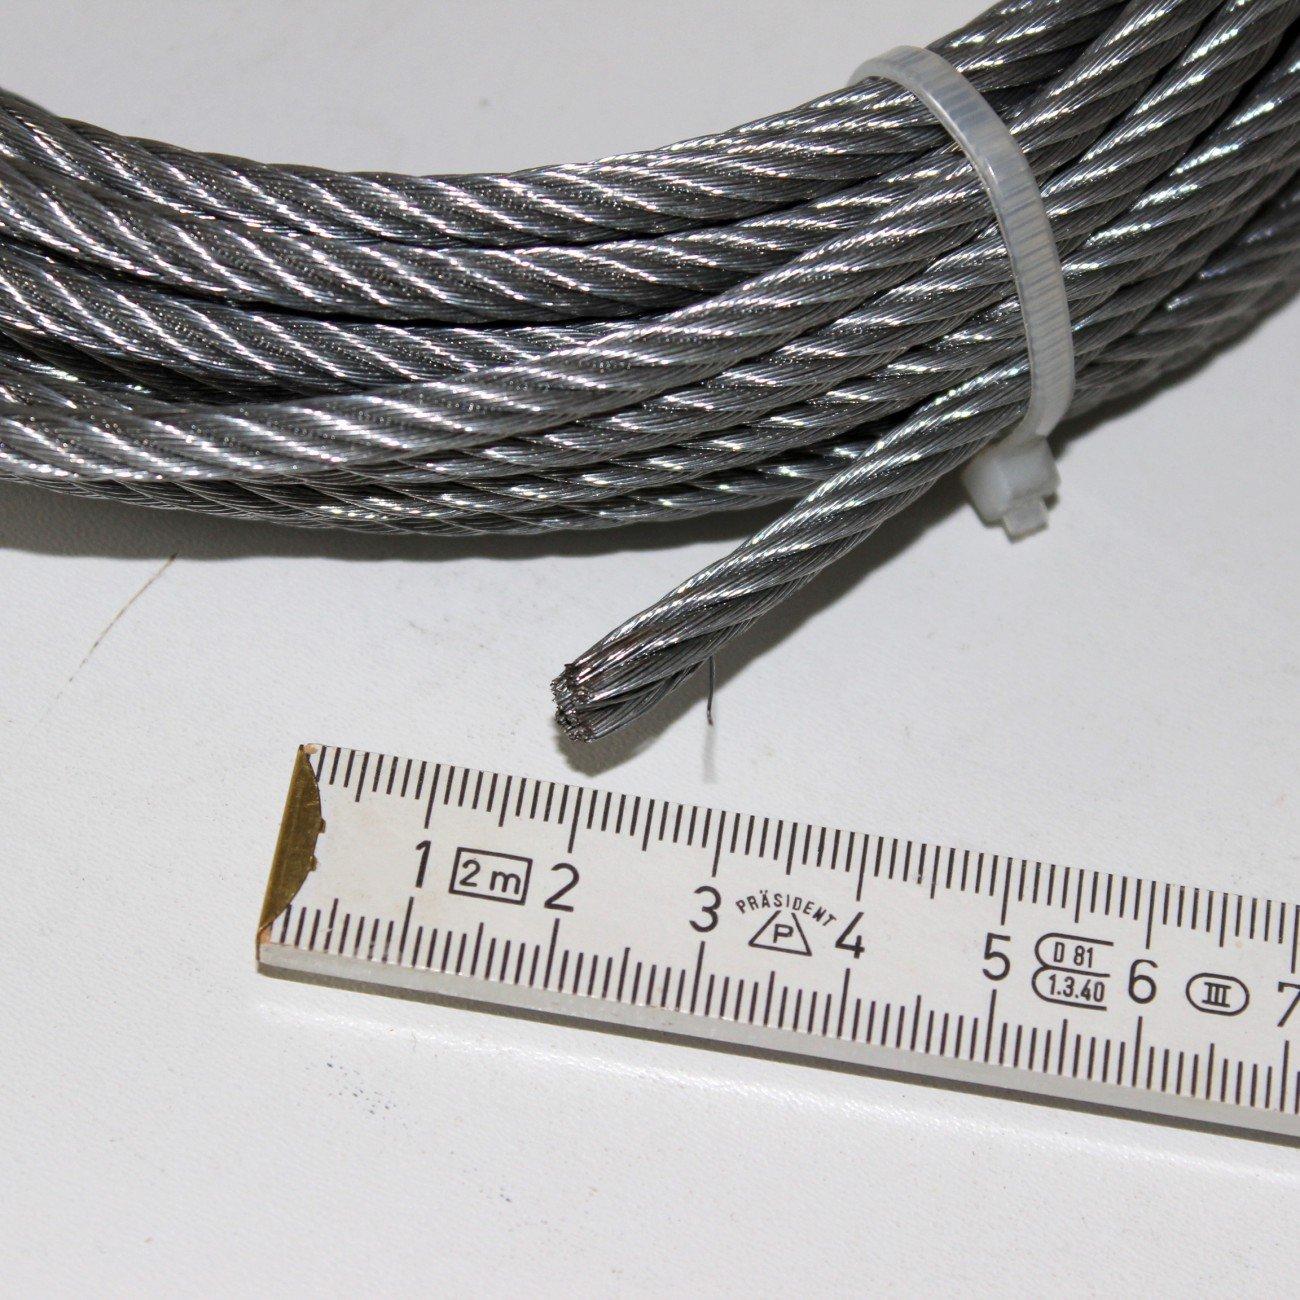 Drahtseil Seil für Seilwinde verzinkt 5 mm stark. Länge 10 Meter ...